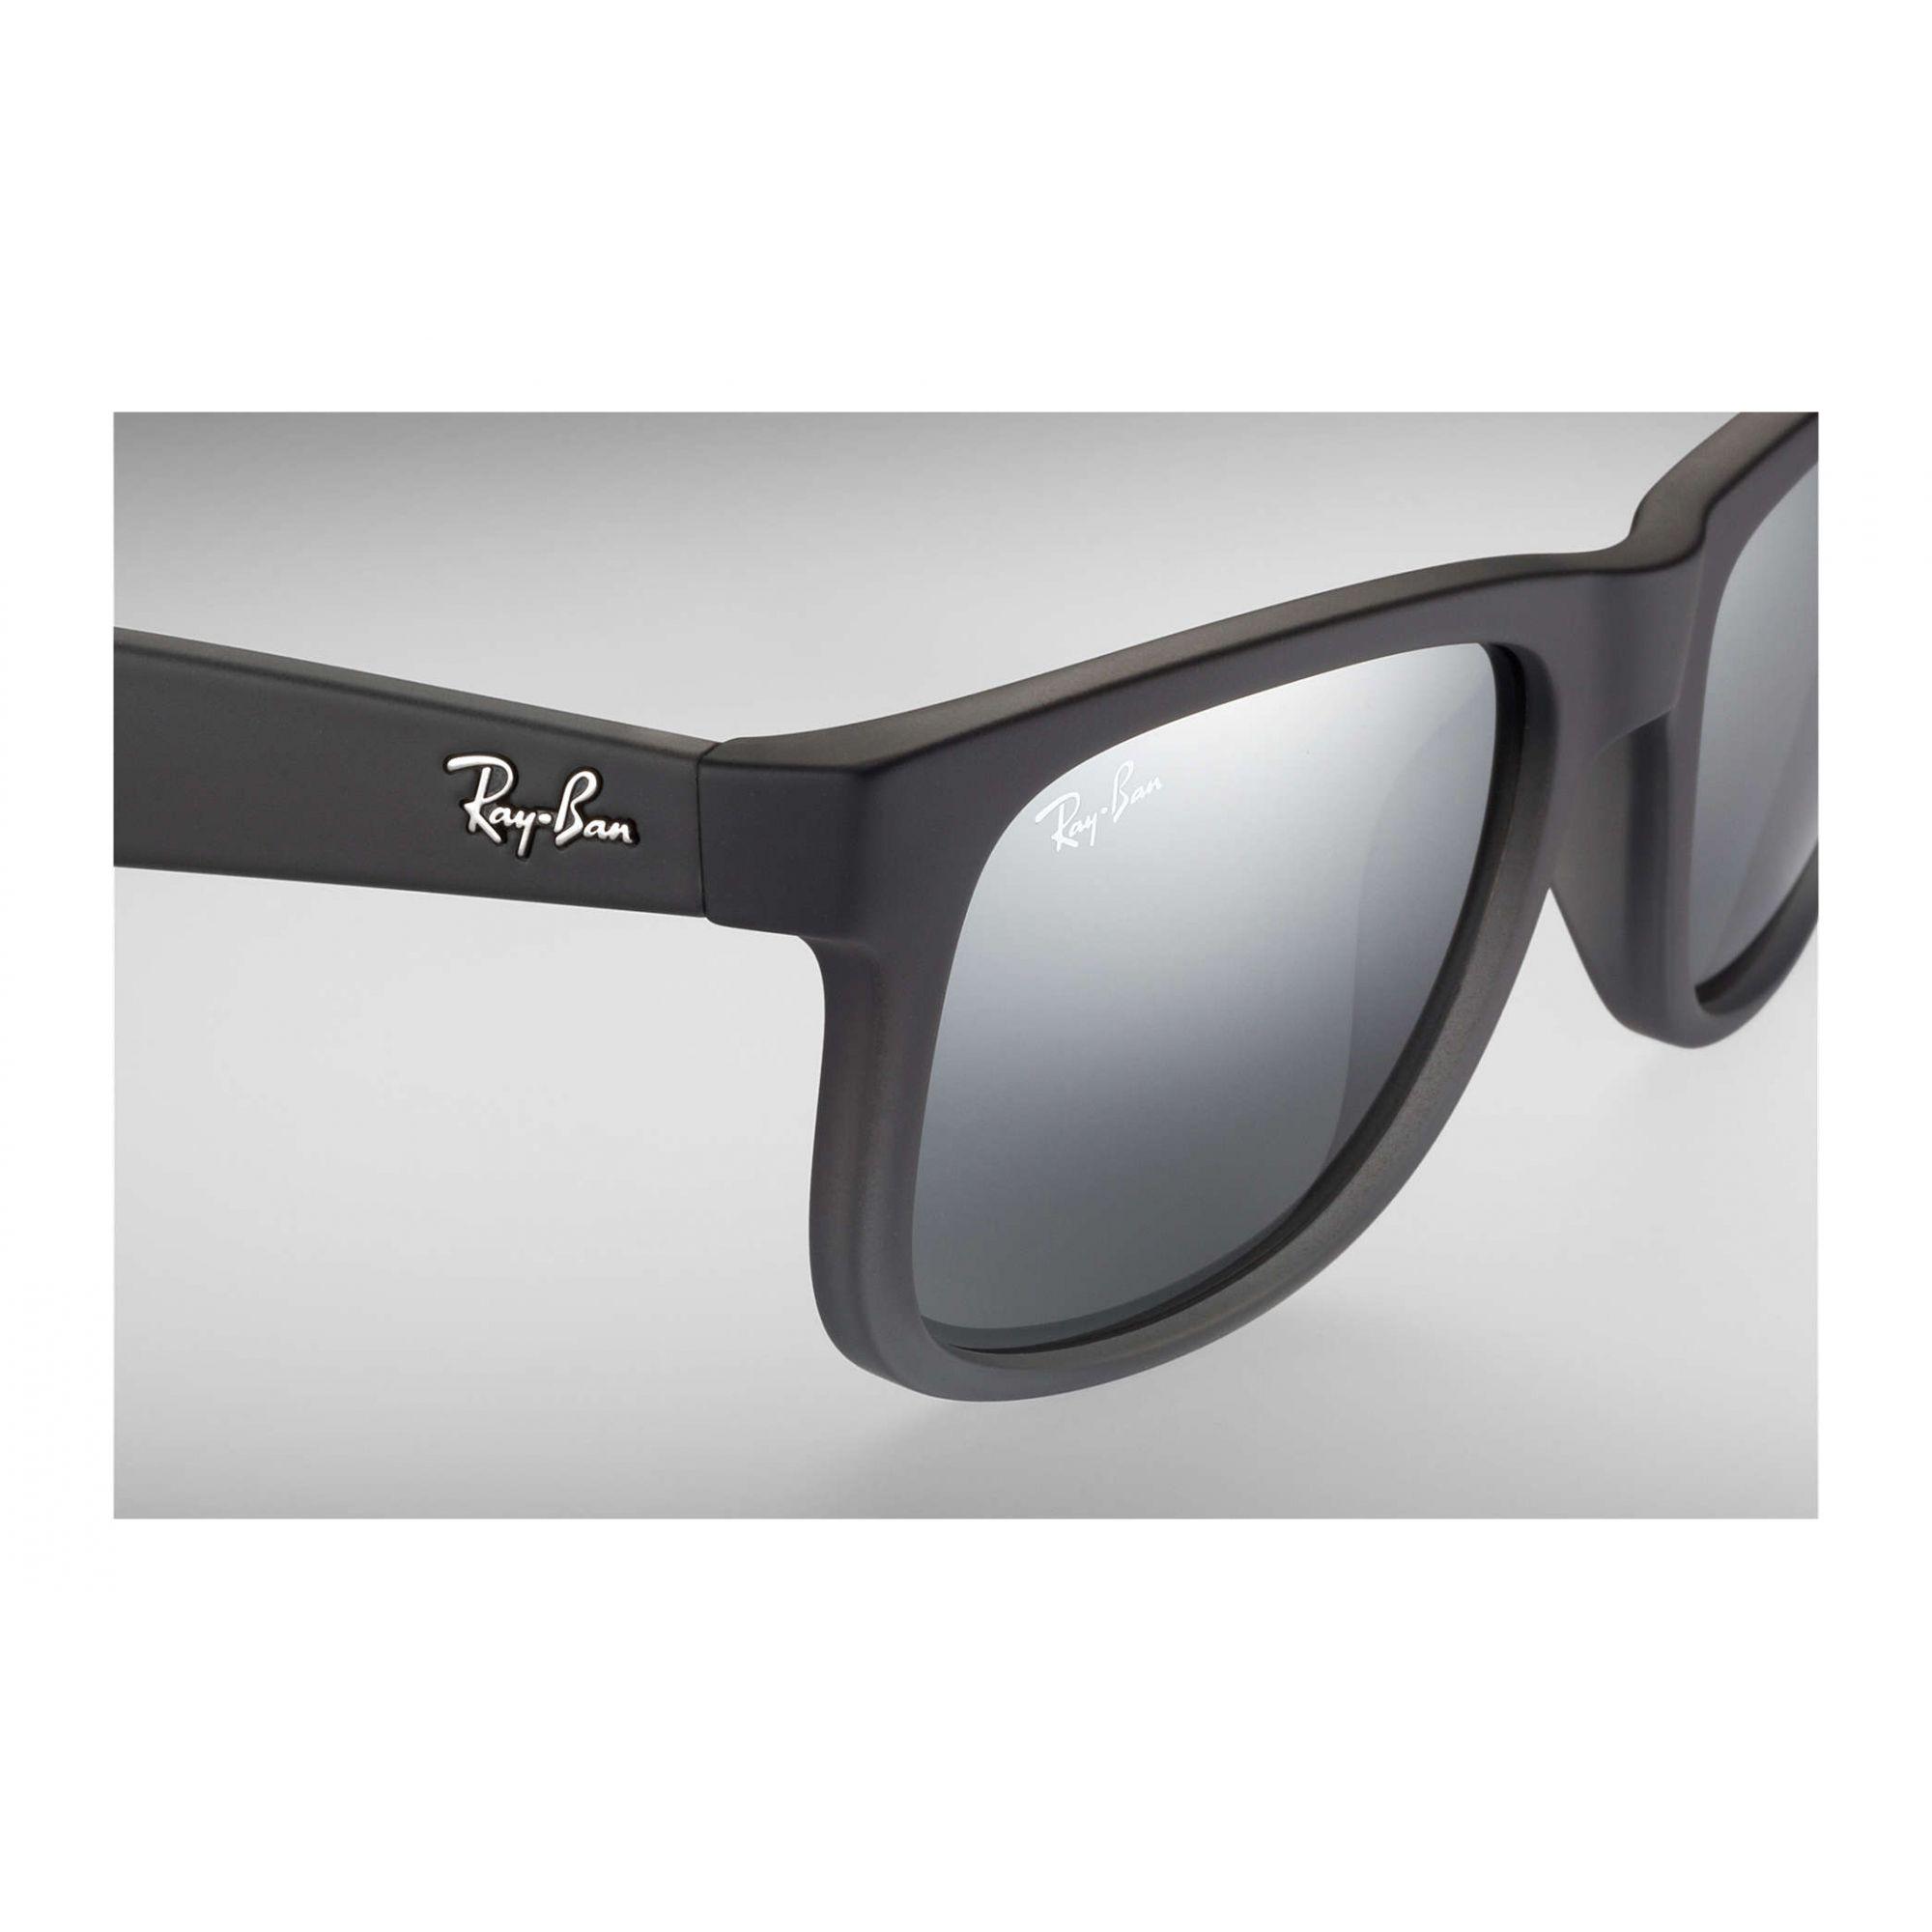 Ray Ban - RB4165L 8528855 - Óculos de sol